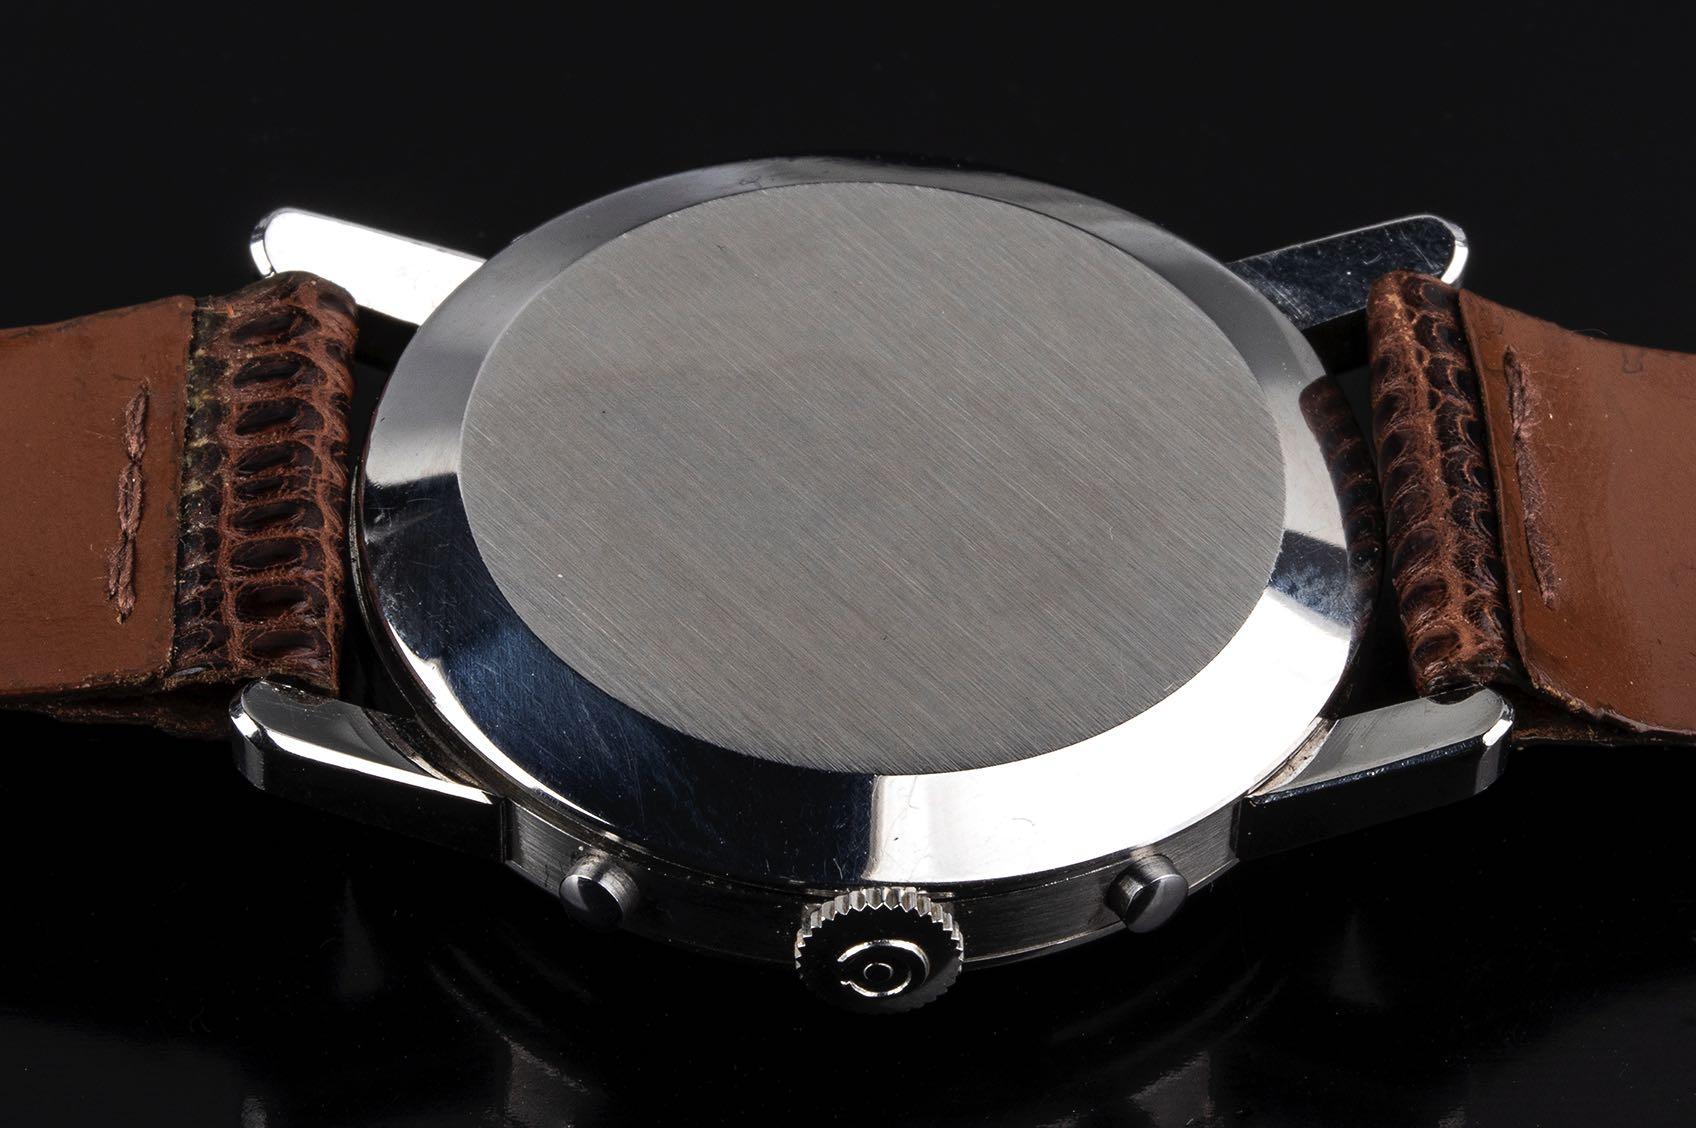 Cyma Time-O-Vox, CYMAFLEX, Ref. 1283, 50', N.O.S. - Image 3 of 4